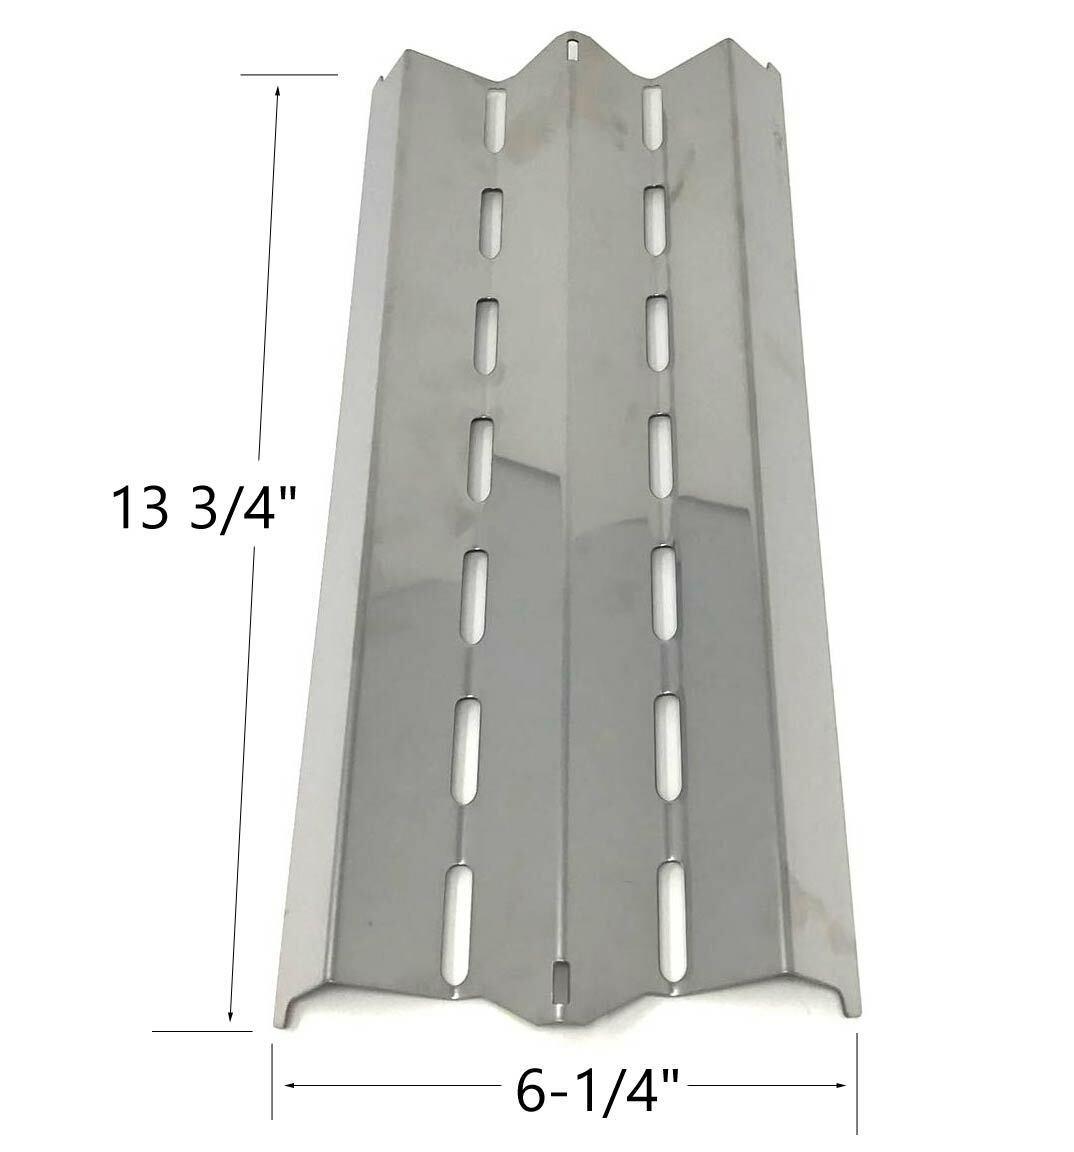 9578-47 Repair Kit for GrillPro 224069 285164 678489 /& Broil King 9563-47MC